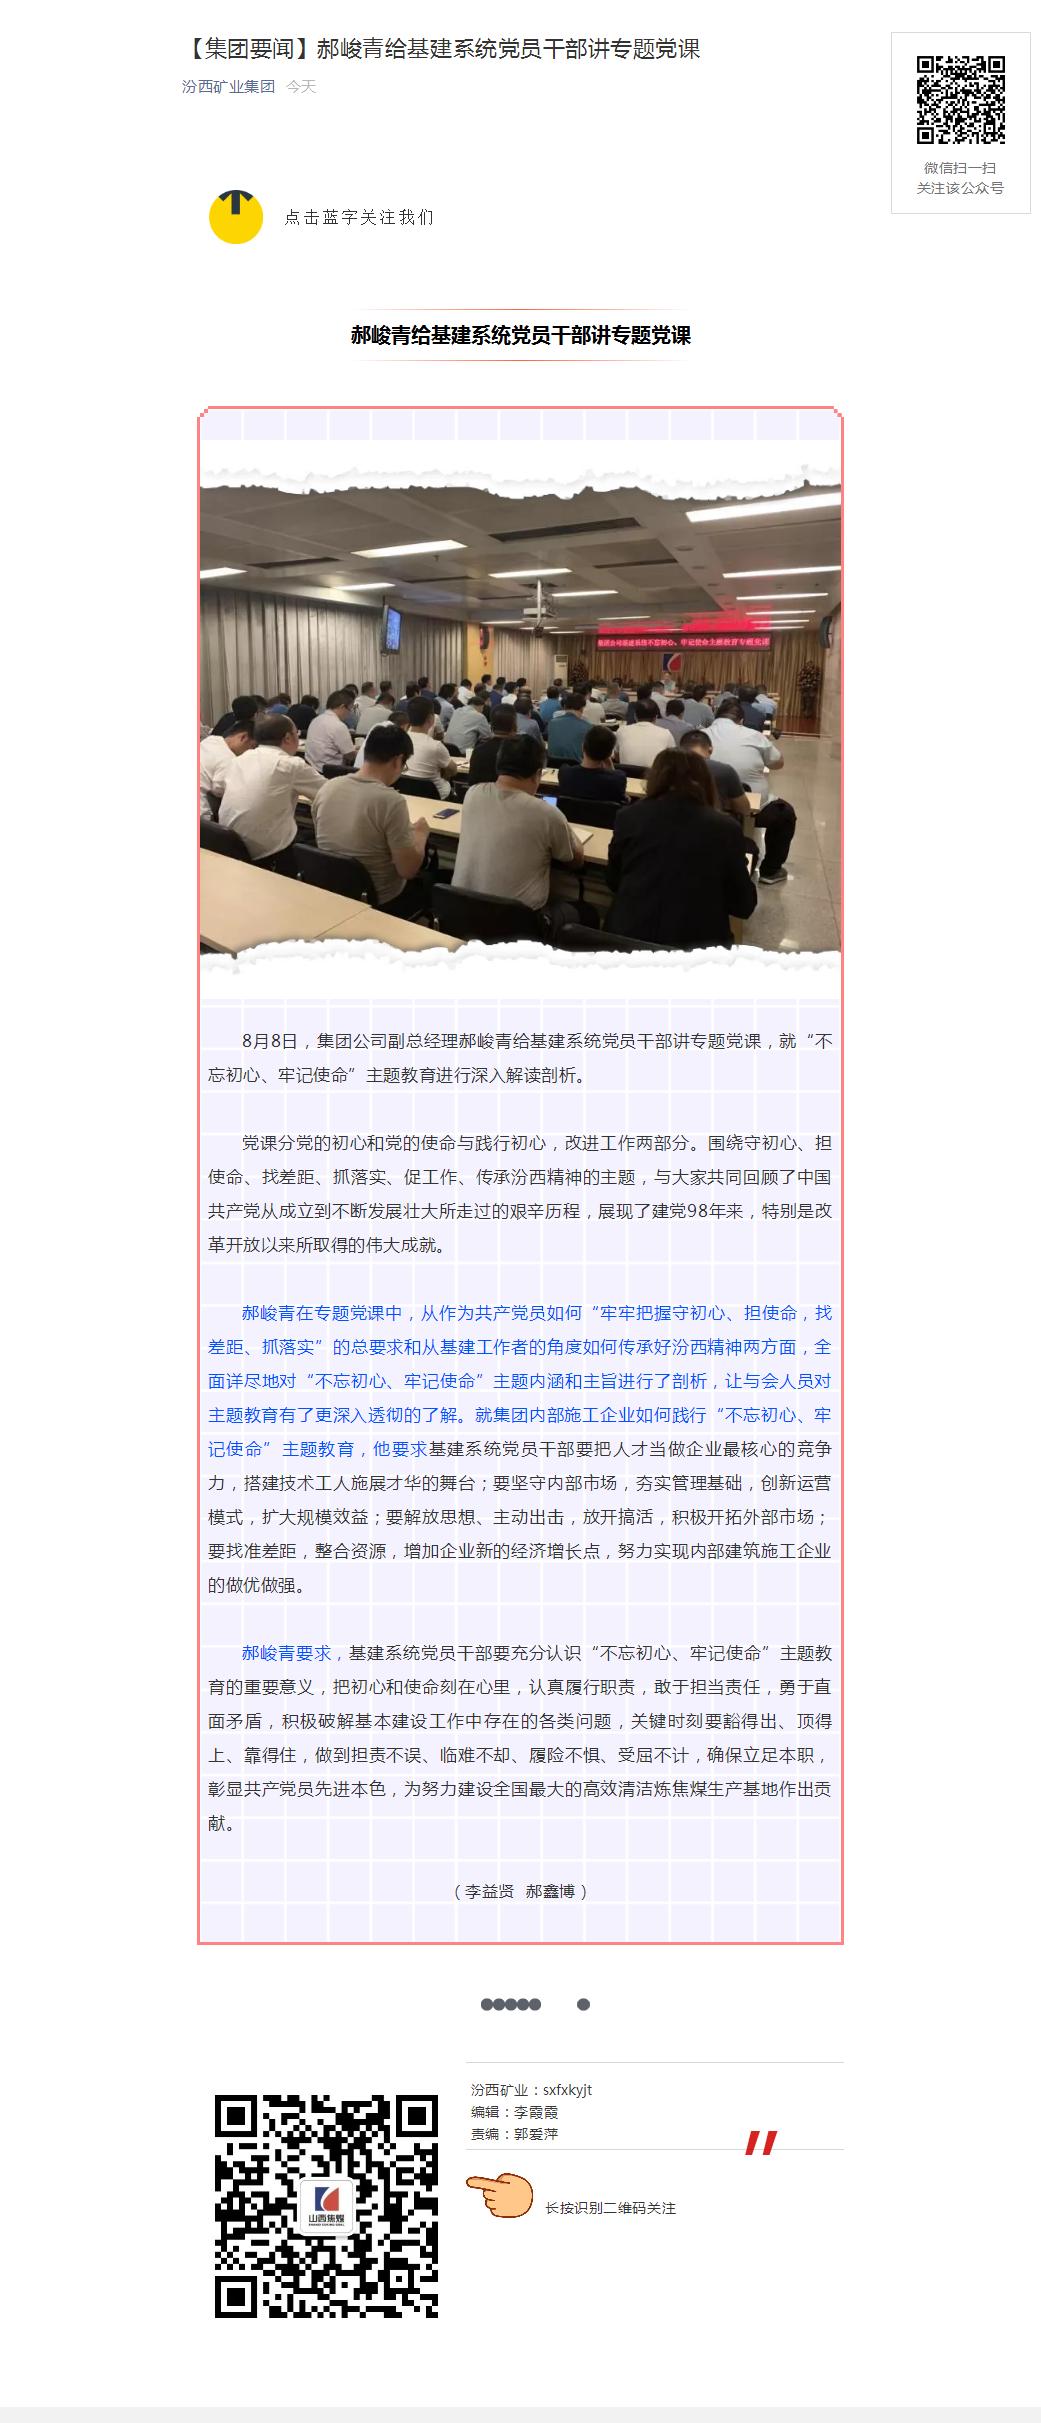 郝峻青給基建系統黨員幹部講專題黨課.png